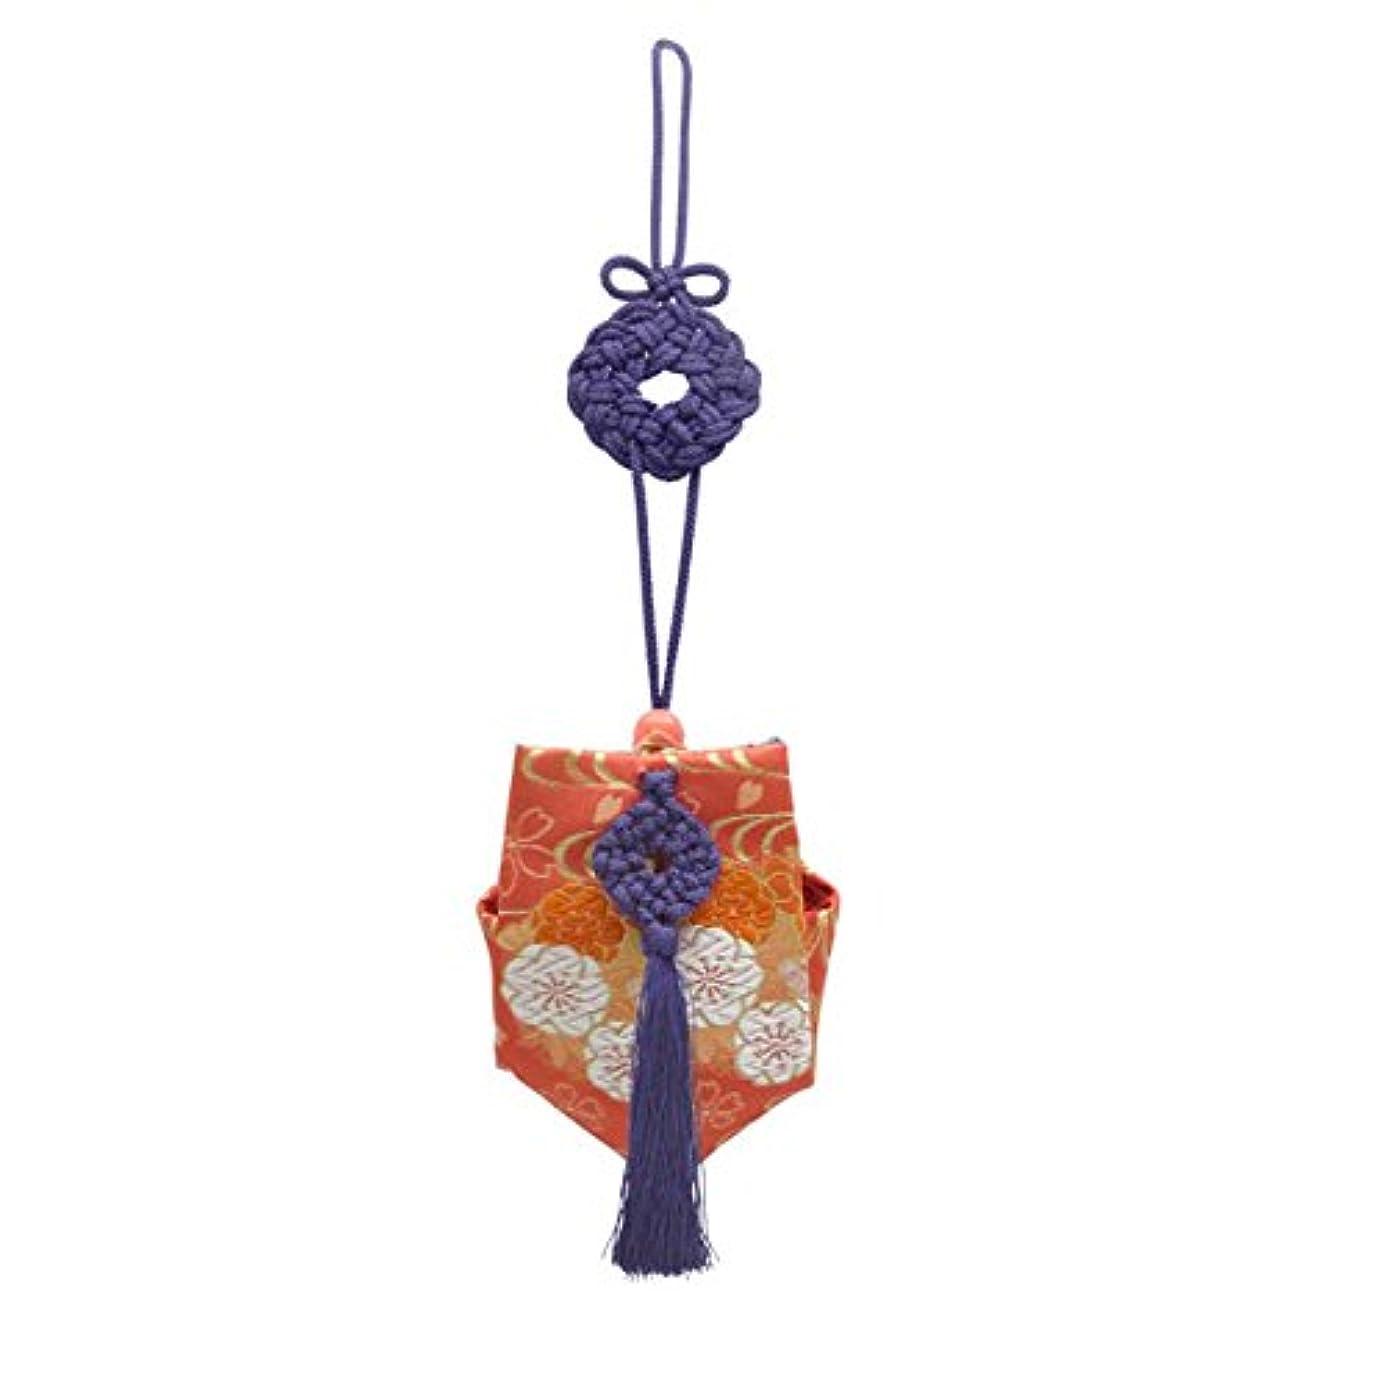 訶梨勒 上品 紙箱入 紫紐/花紋